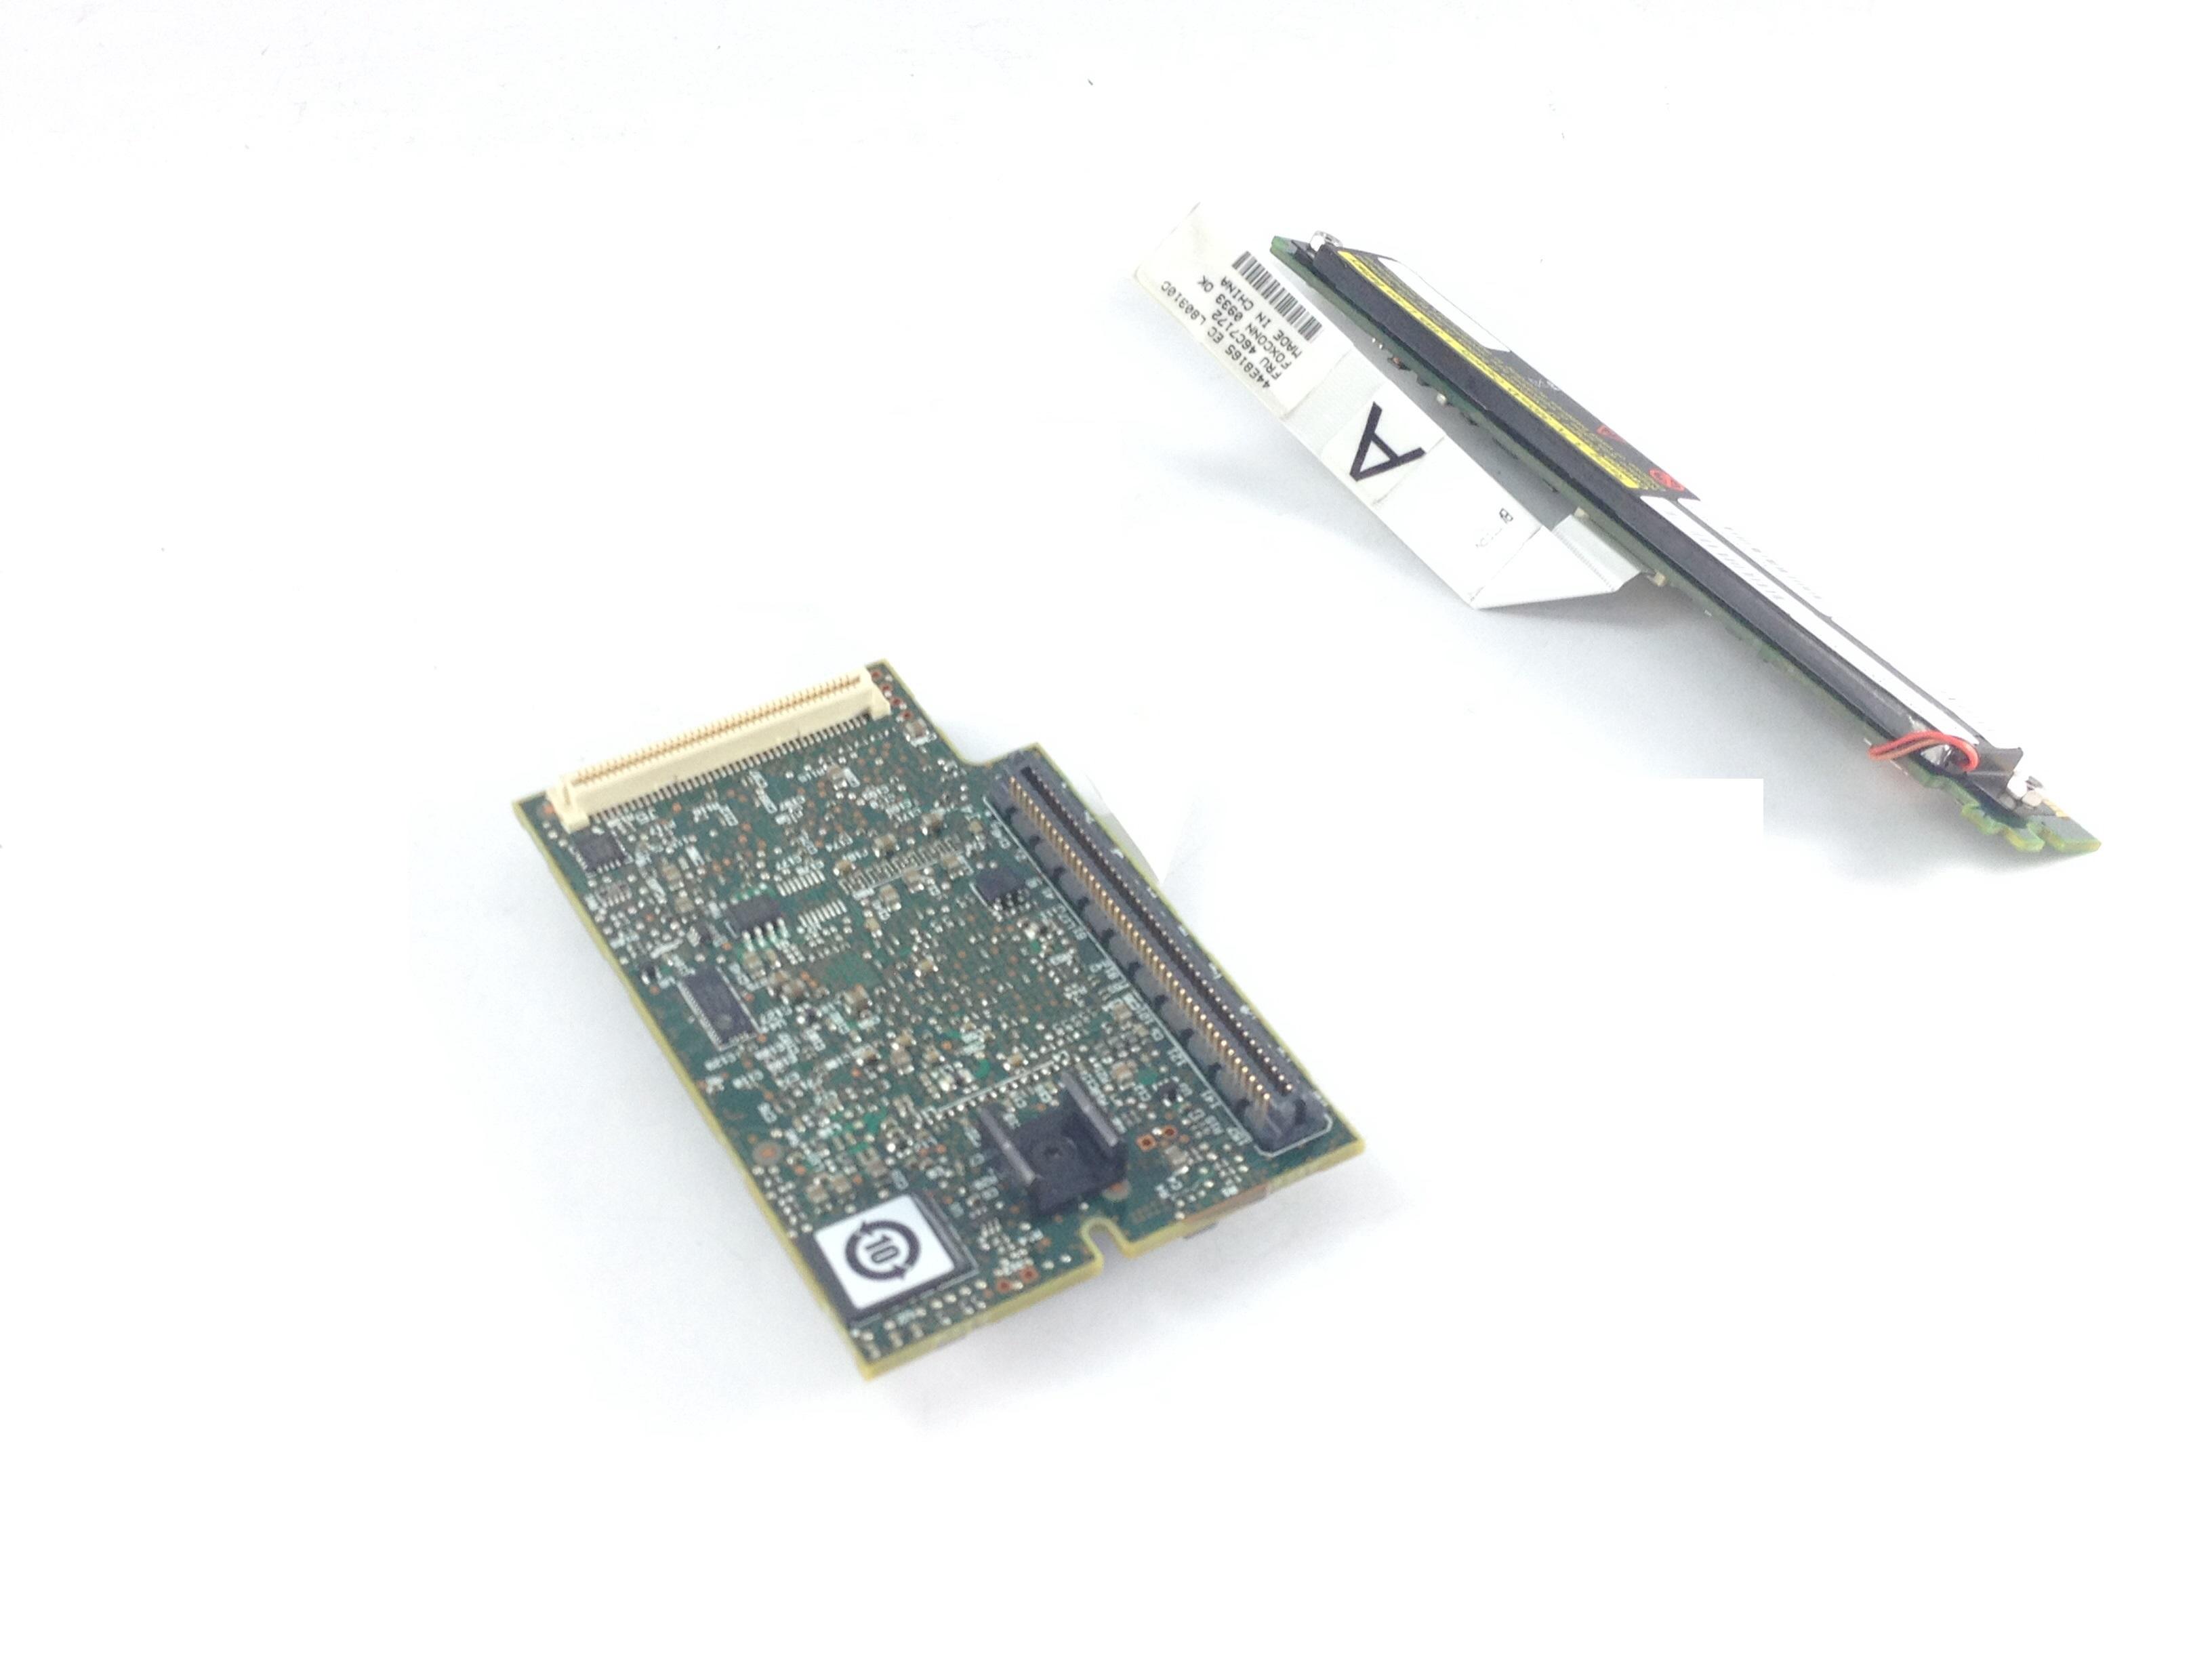 IBM Serveraid Mr10Ie (Ciov) SAS Raid Controller w/ Battery (46C7171)